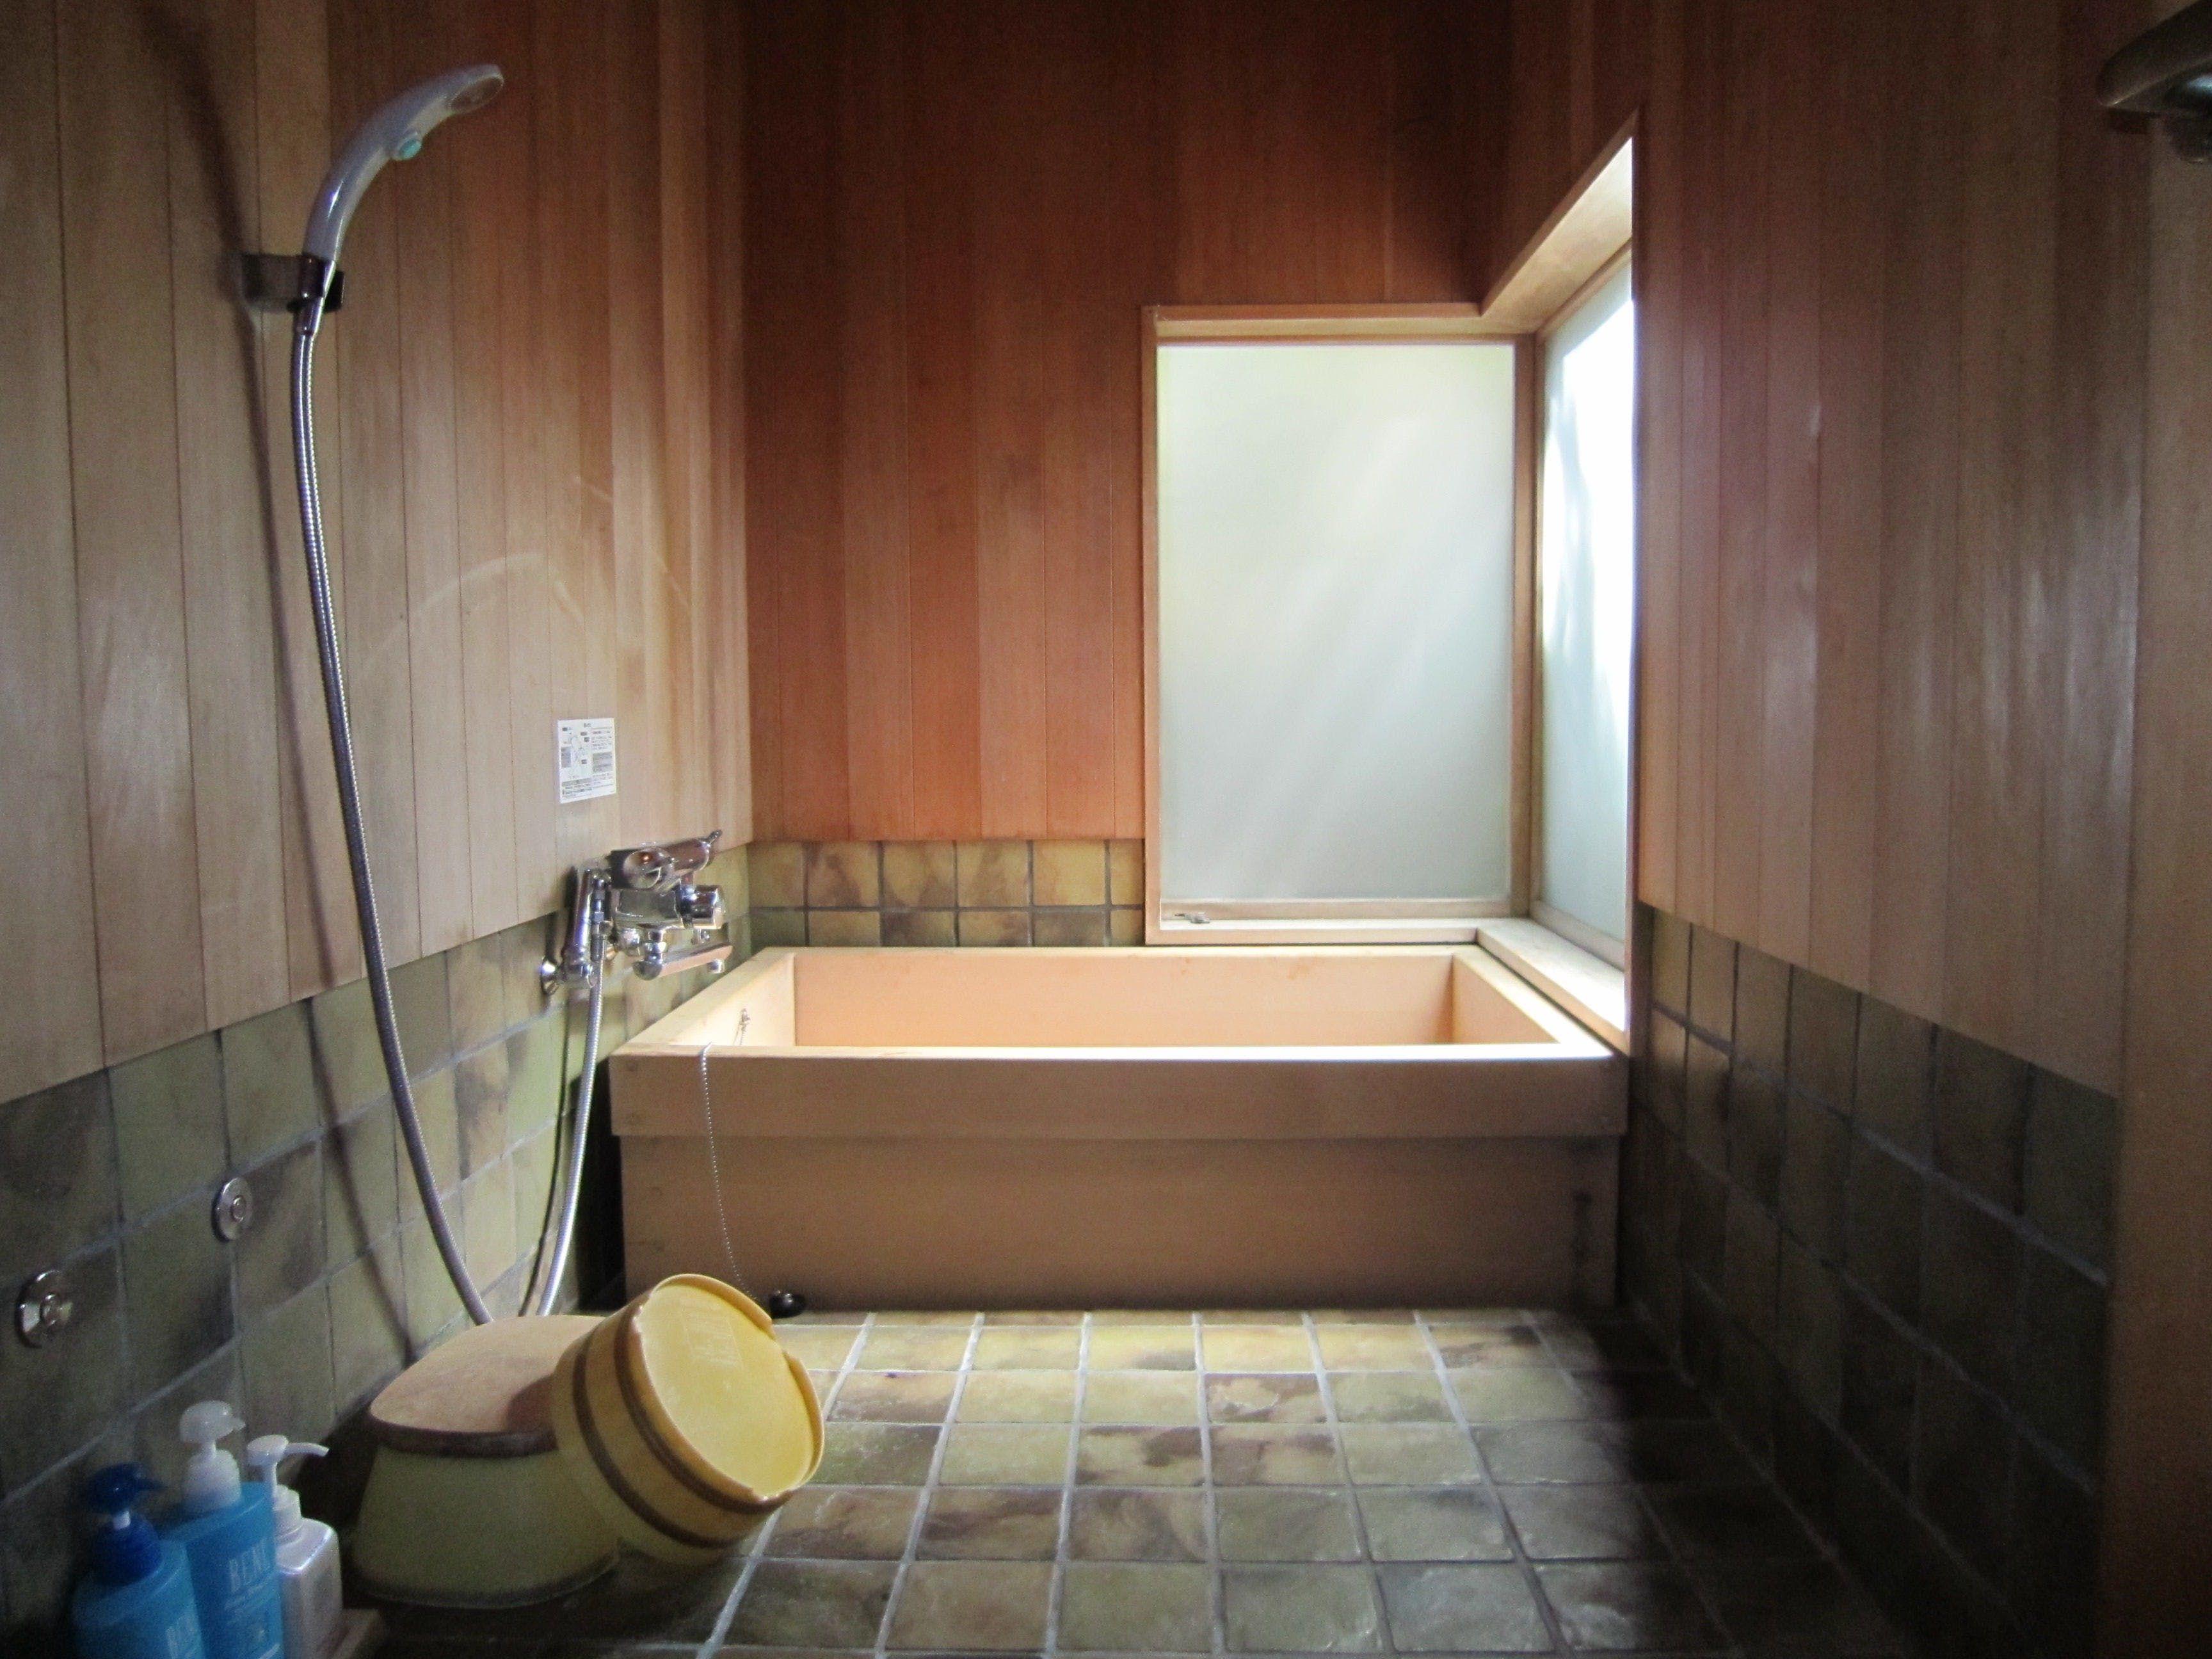 大丸別荘 宿泊予約は 一休 Com バスルームのデザイン 露天 風呂 付 客室 大浴場